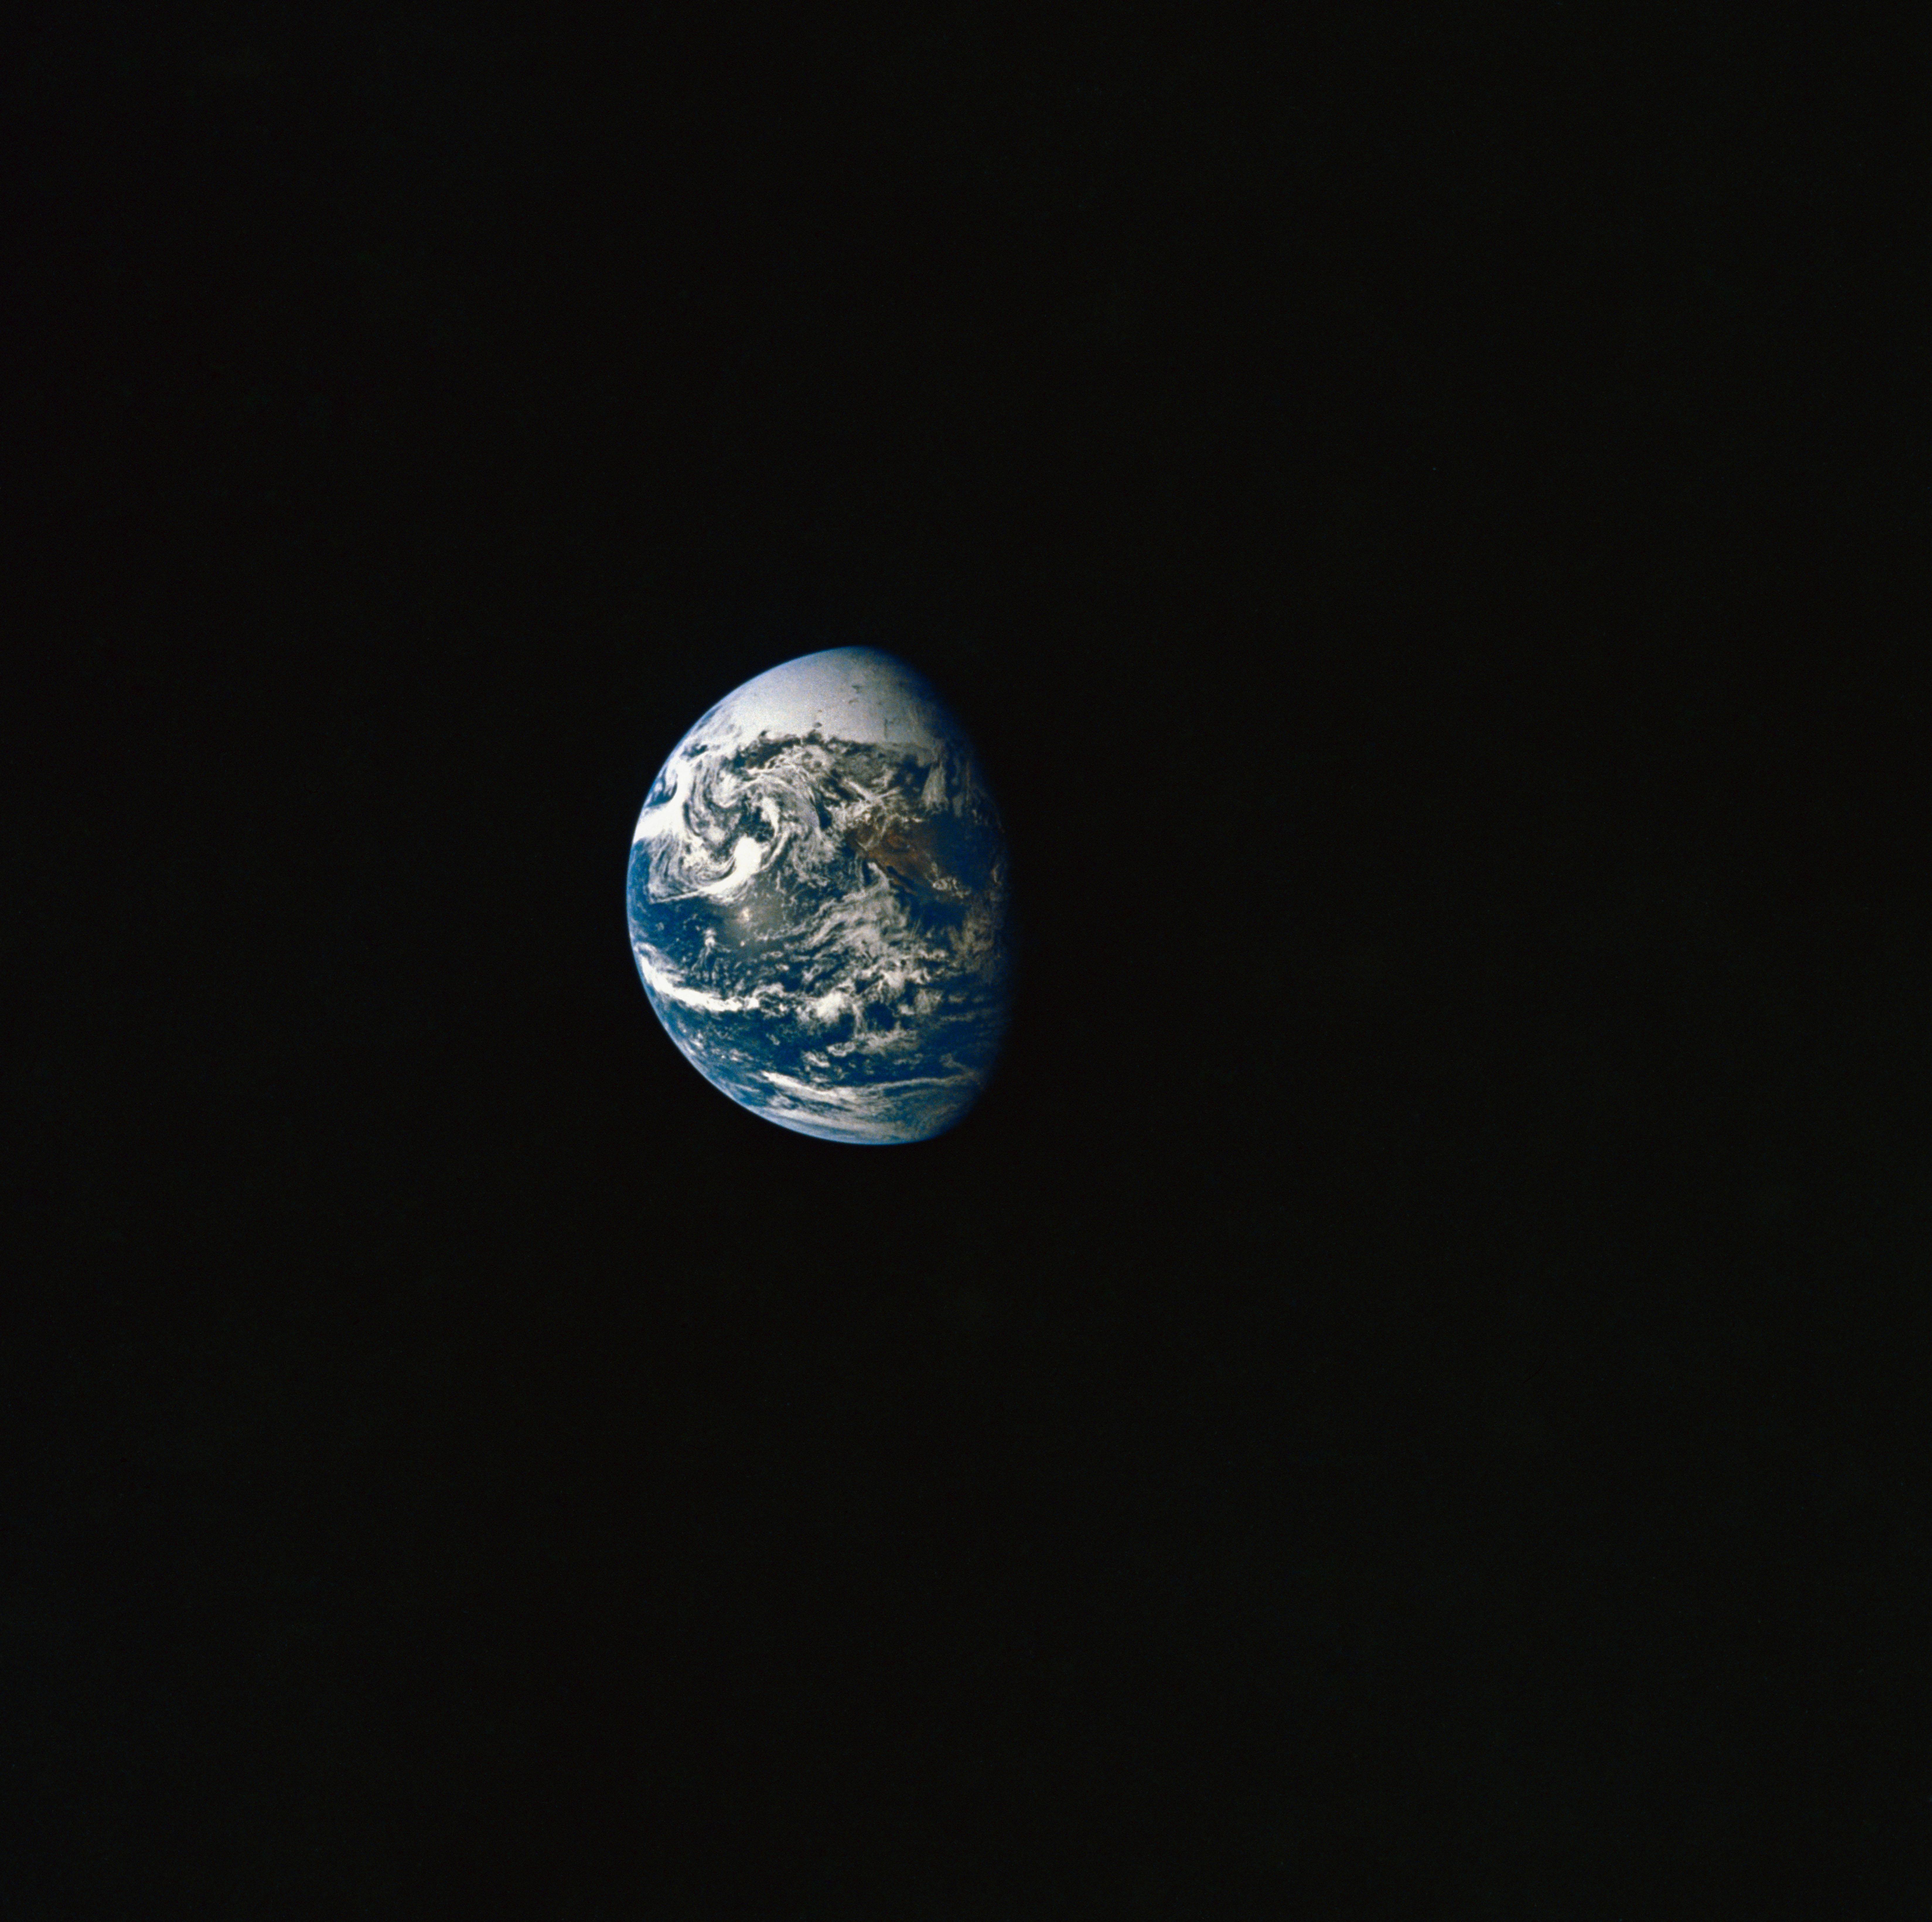 Apollo 21 and NASA